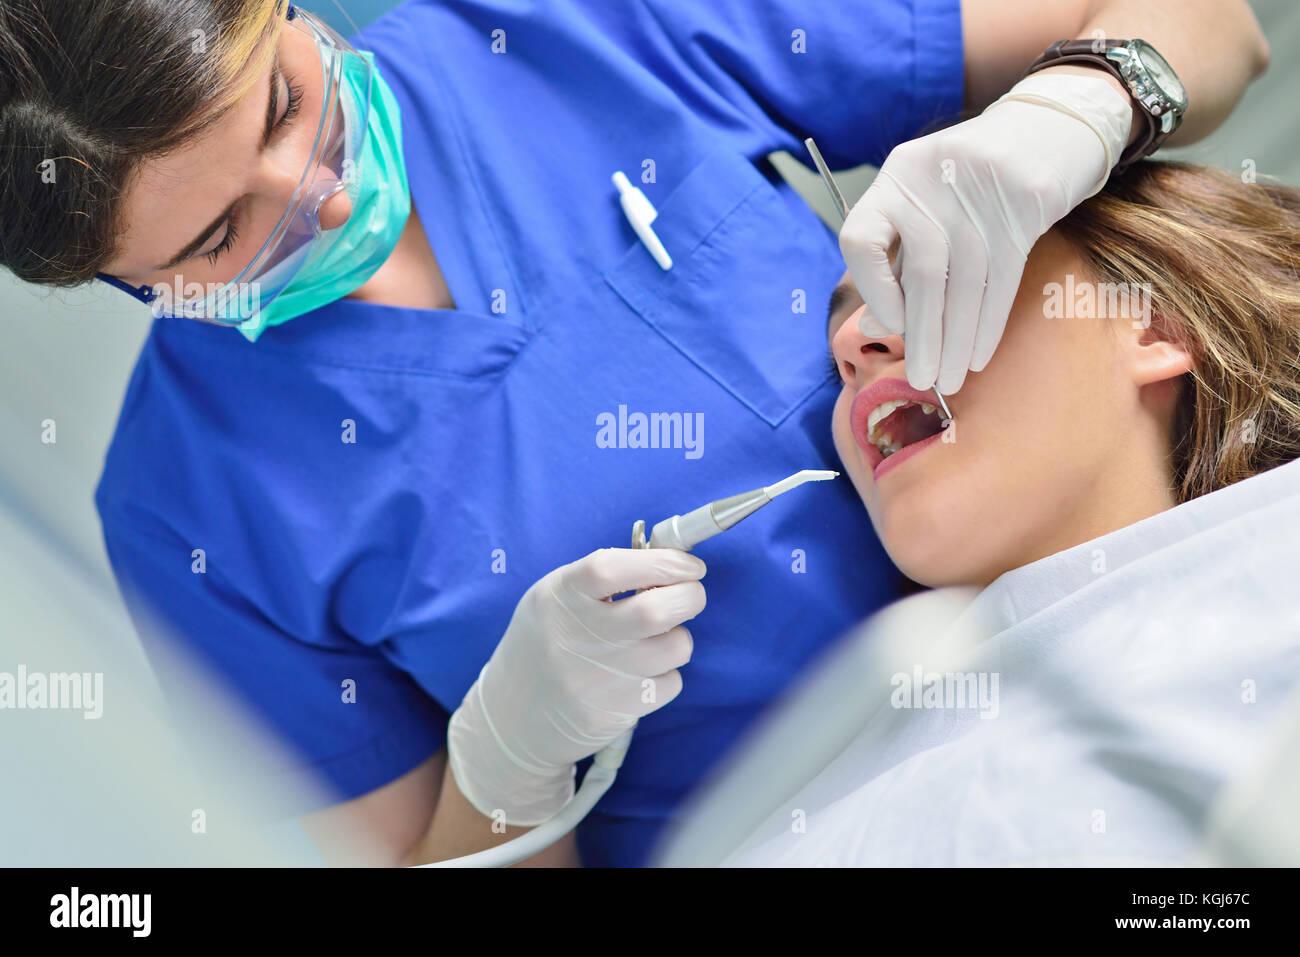 Persone, medicina, stomatologia e health care concetto - buon dentista femmina di controllo paziente denti ragazza Immagini Stock